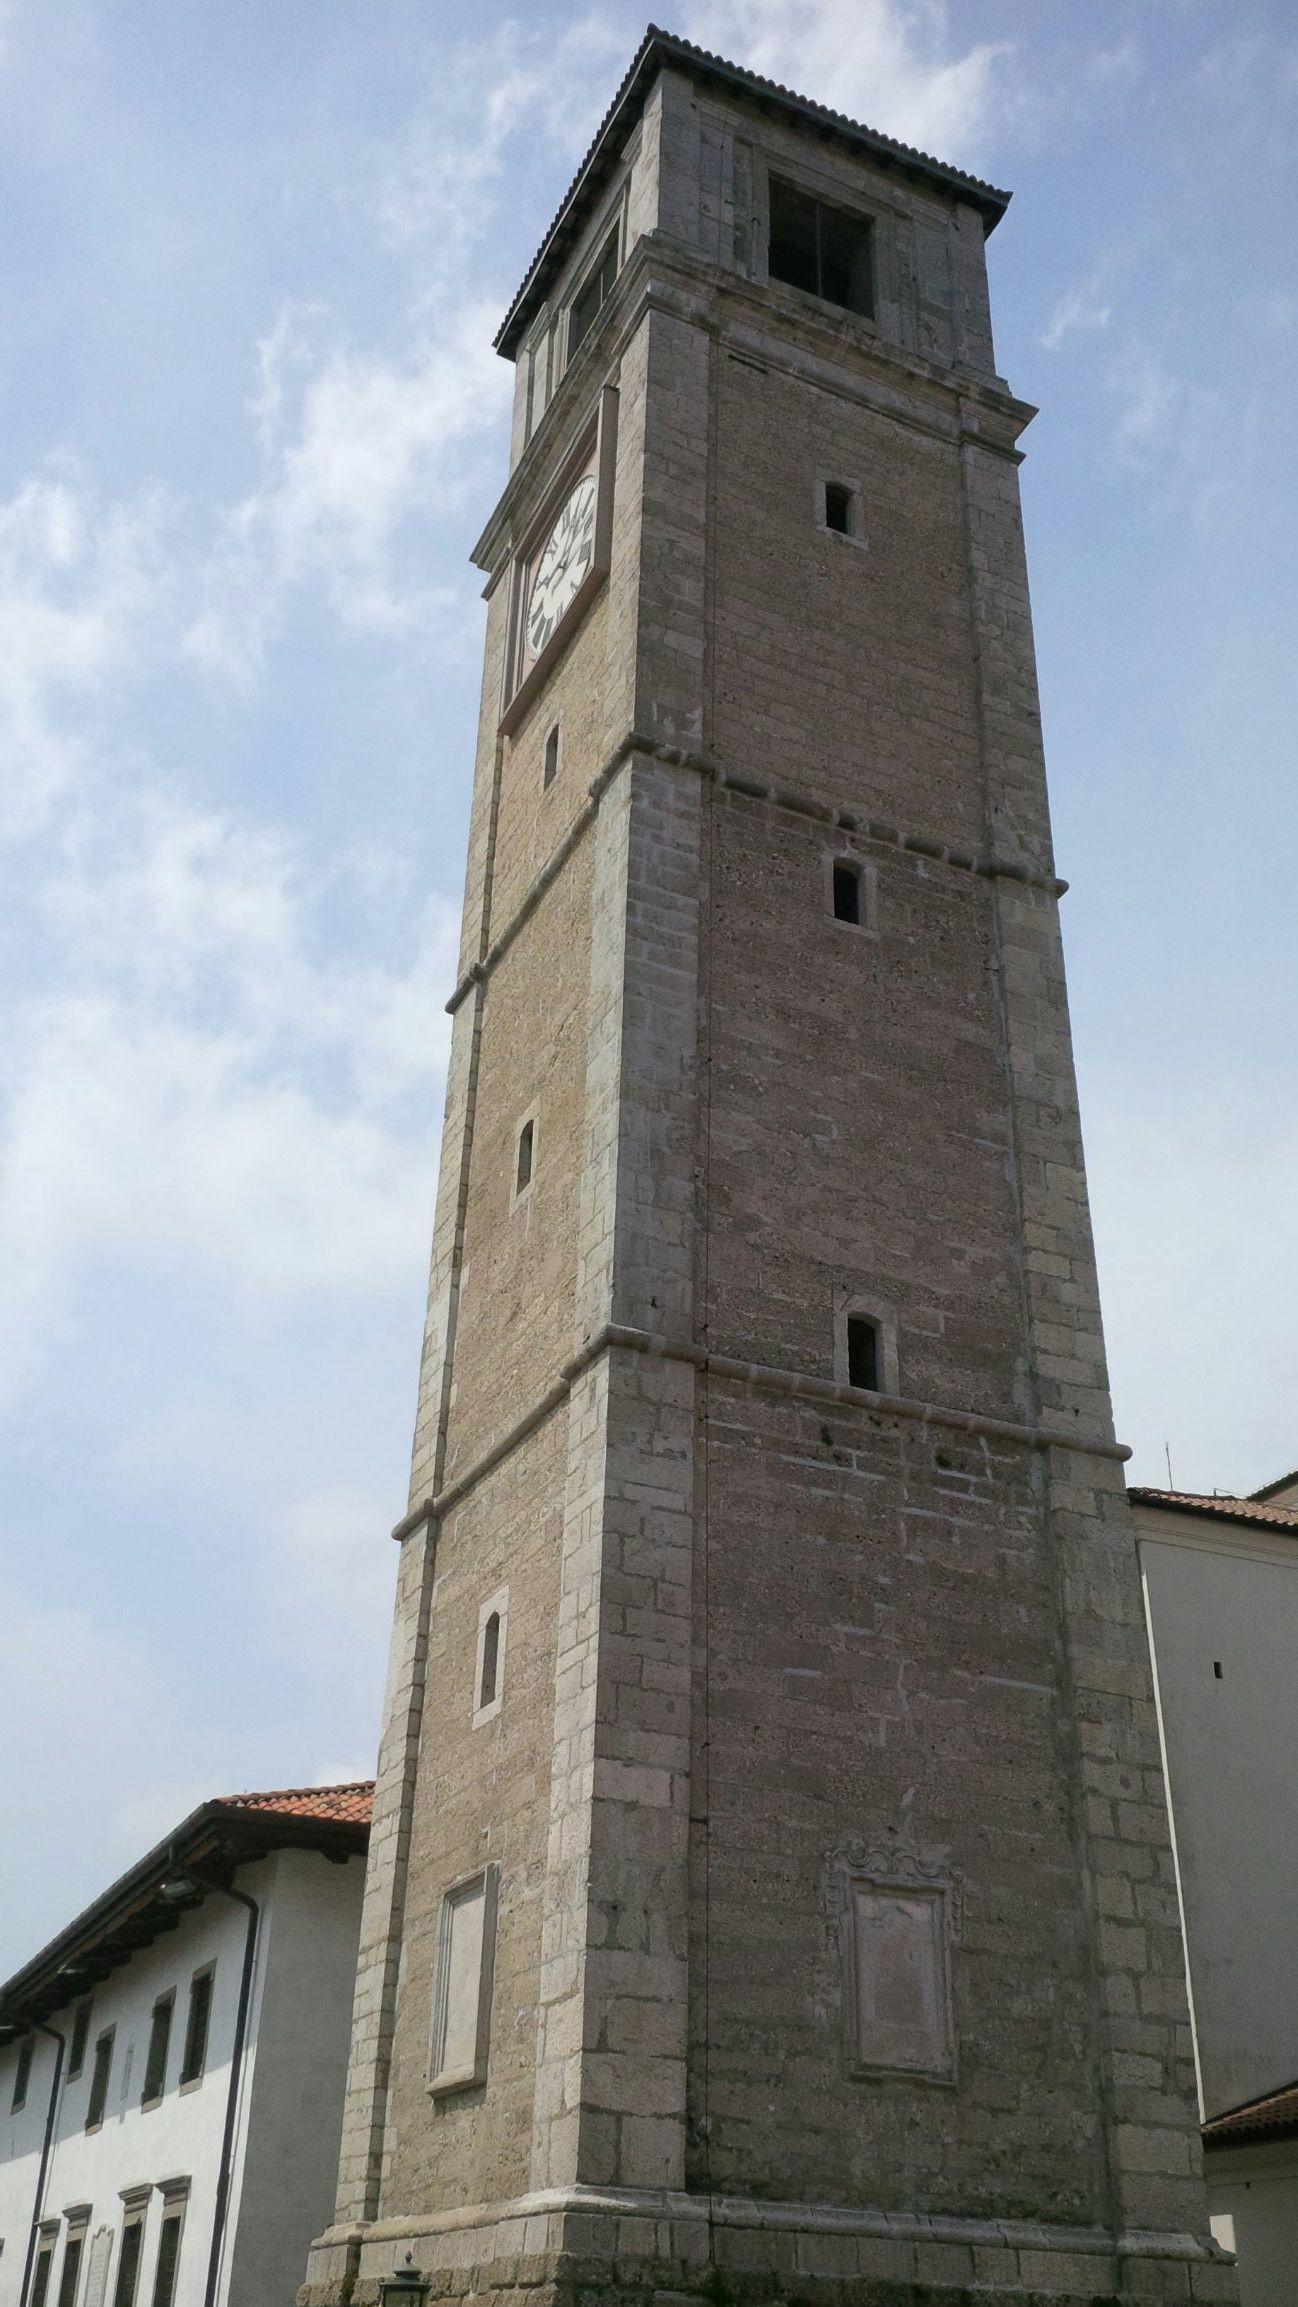 Il campanile di San Daniele del Friuli. Bellissima cittadina e famosa per la produzione del famoso prosciutto di San Daniele.